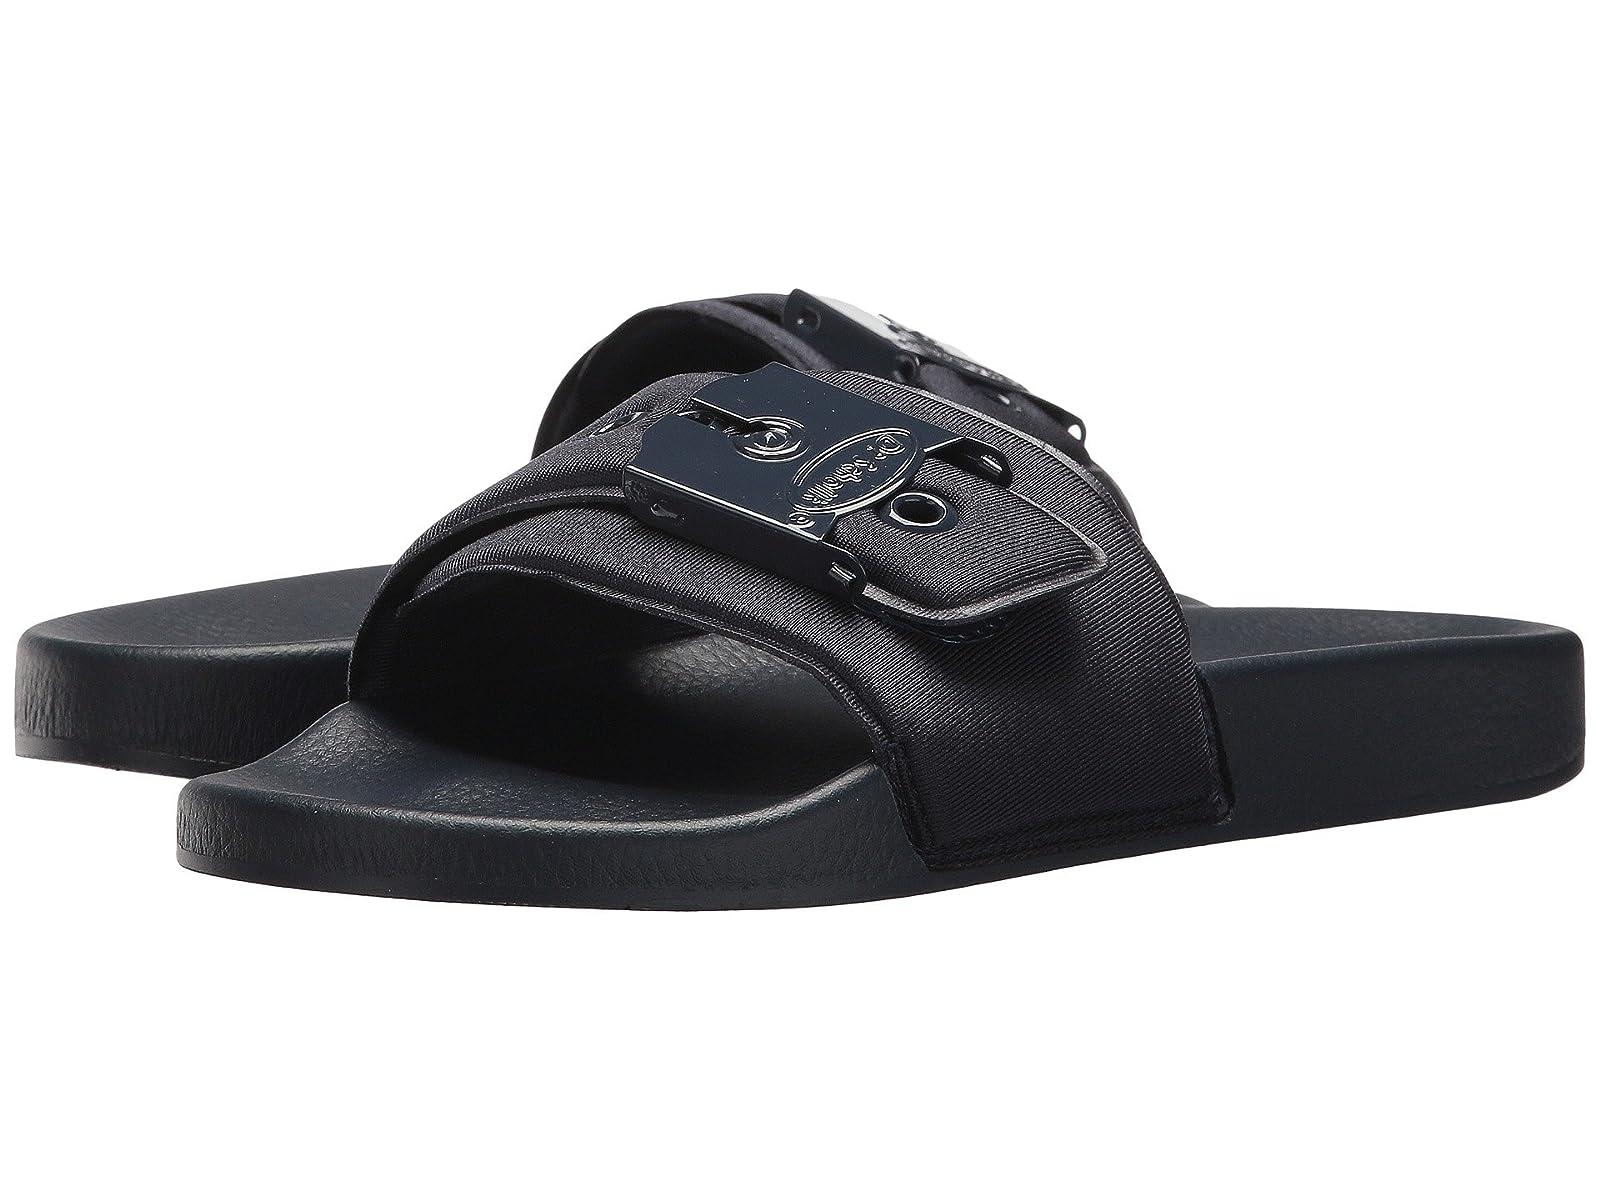 Dr. Scholl's Og Poolslide - Original CollectionComfortable and distinctive shoes